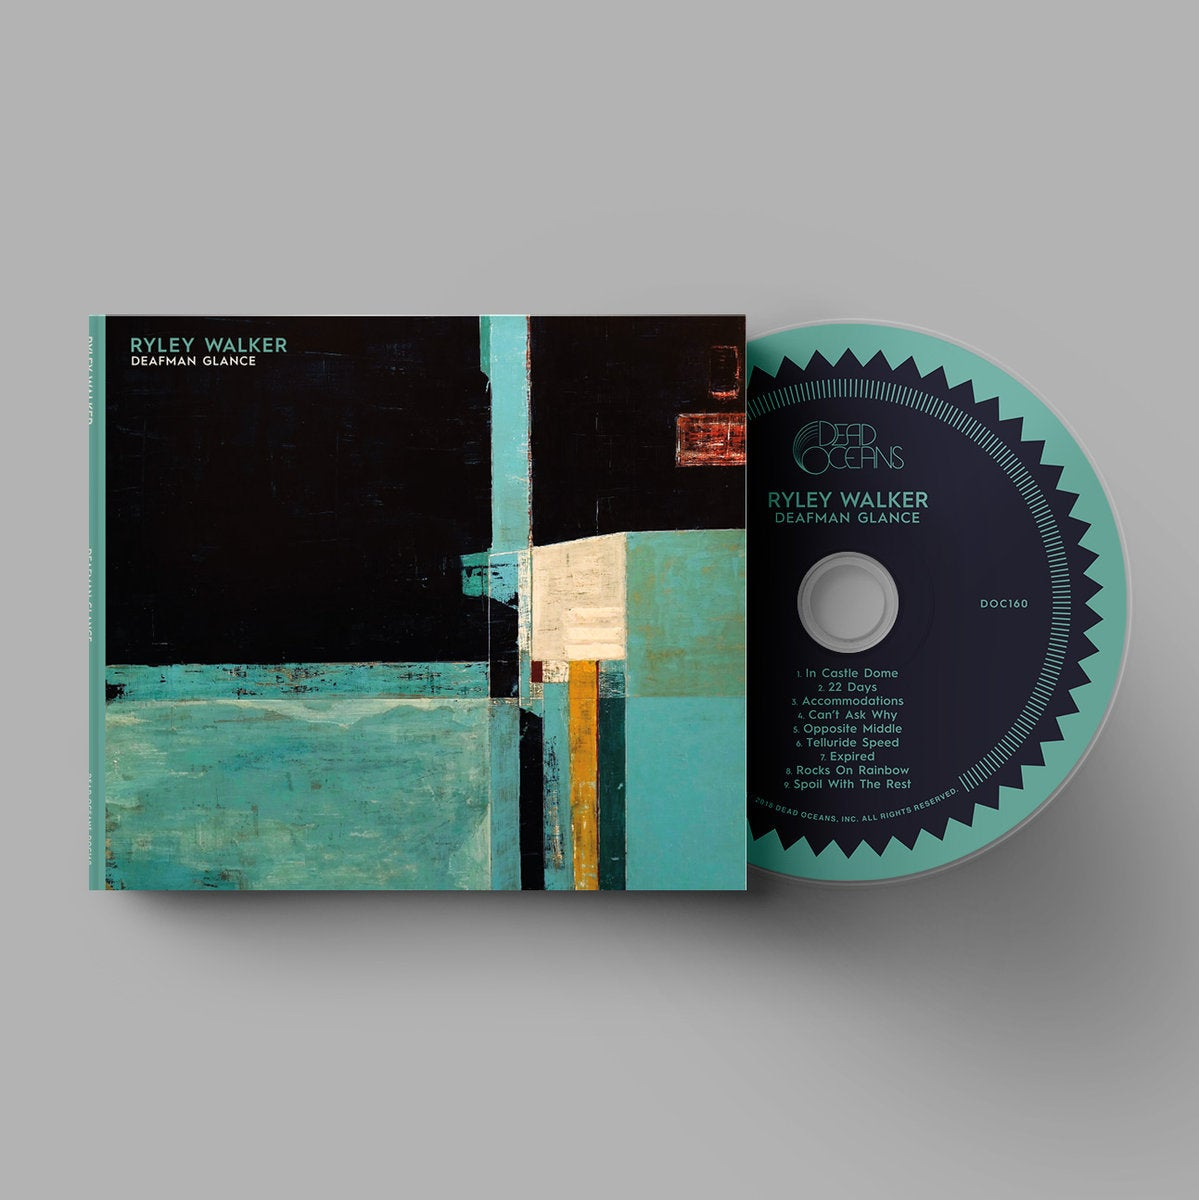 Image of DEAFMAN GLANCE CD